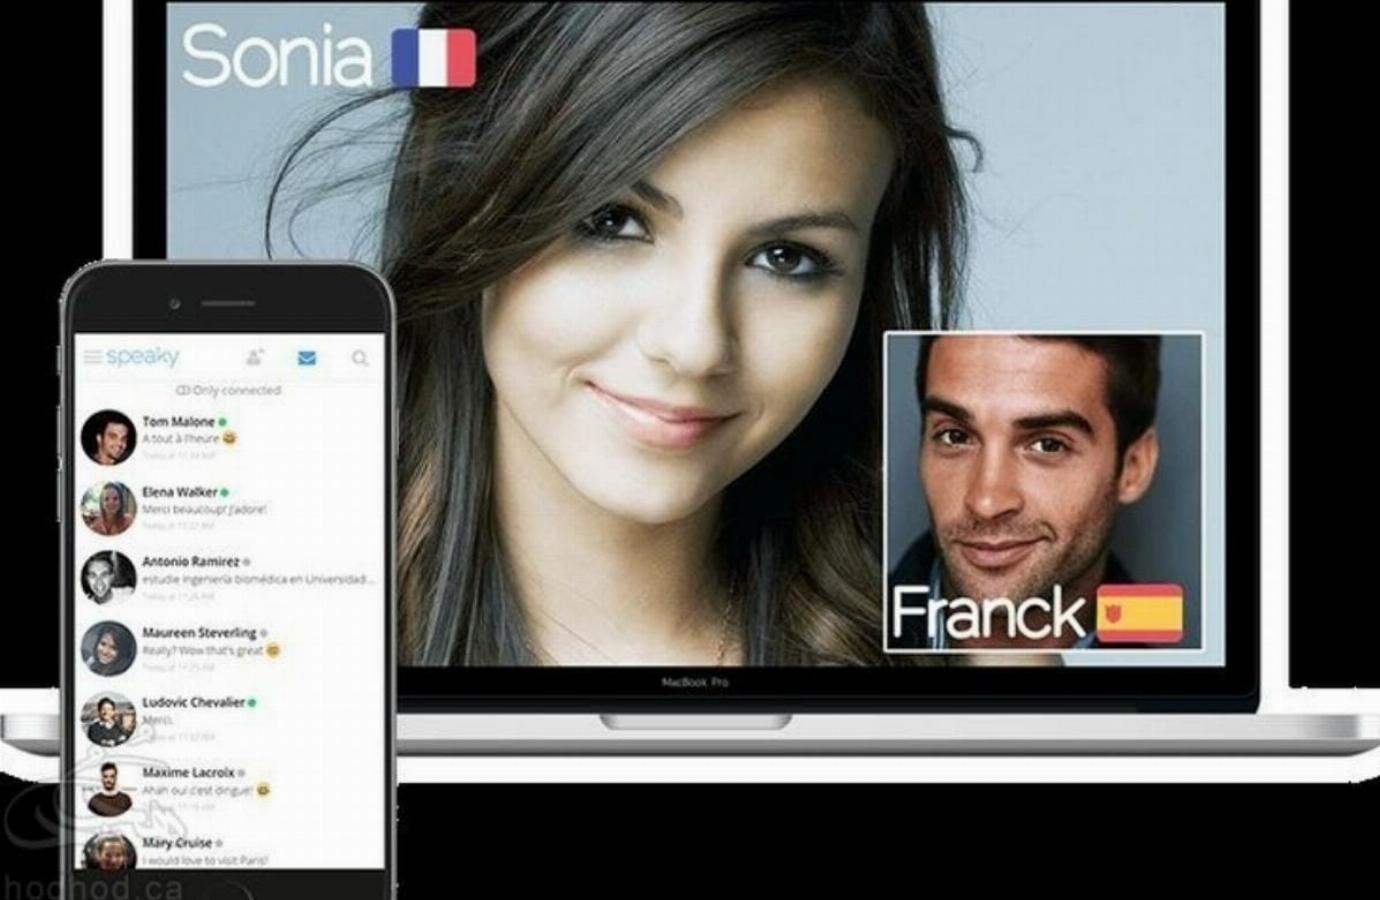 نرم افزار اسپیکی، راهی برای یادگیری زبان و یافتن دوستان جدید